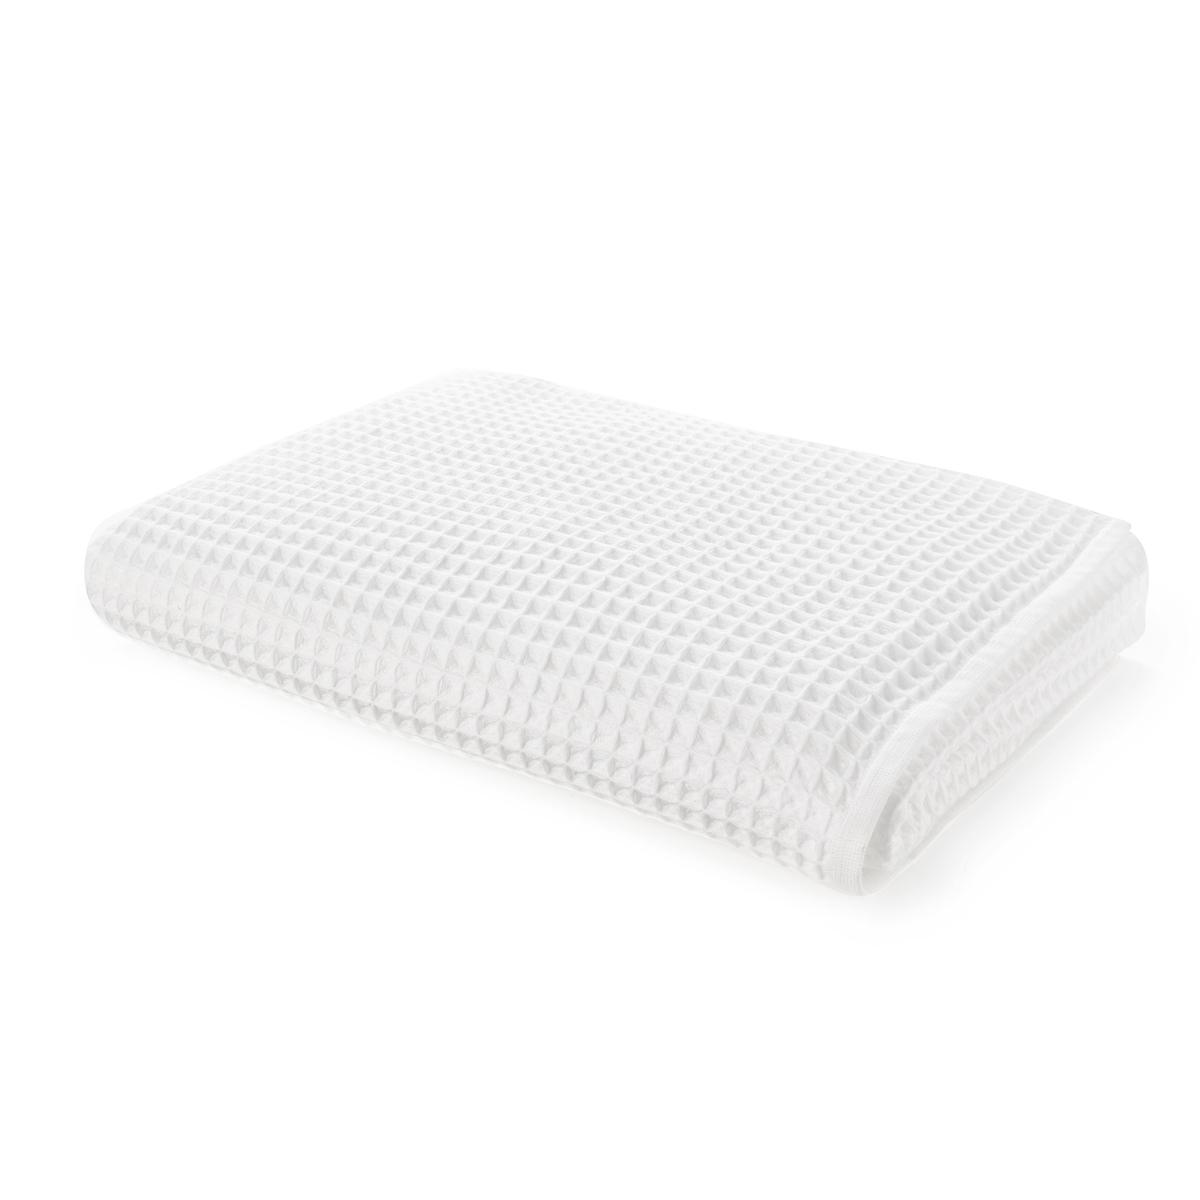 Полотенце La Redoute Для рук из вафельной ткани SCENARIO 50 x 100 см белый полотенце la redoute для рук из махровой ткани хлопок с люверсом единый размер бежевый